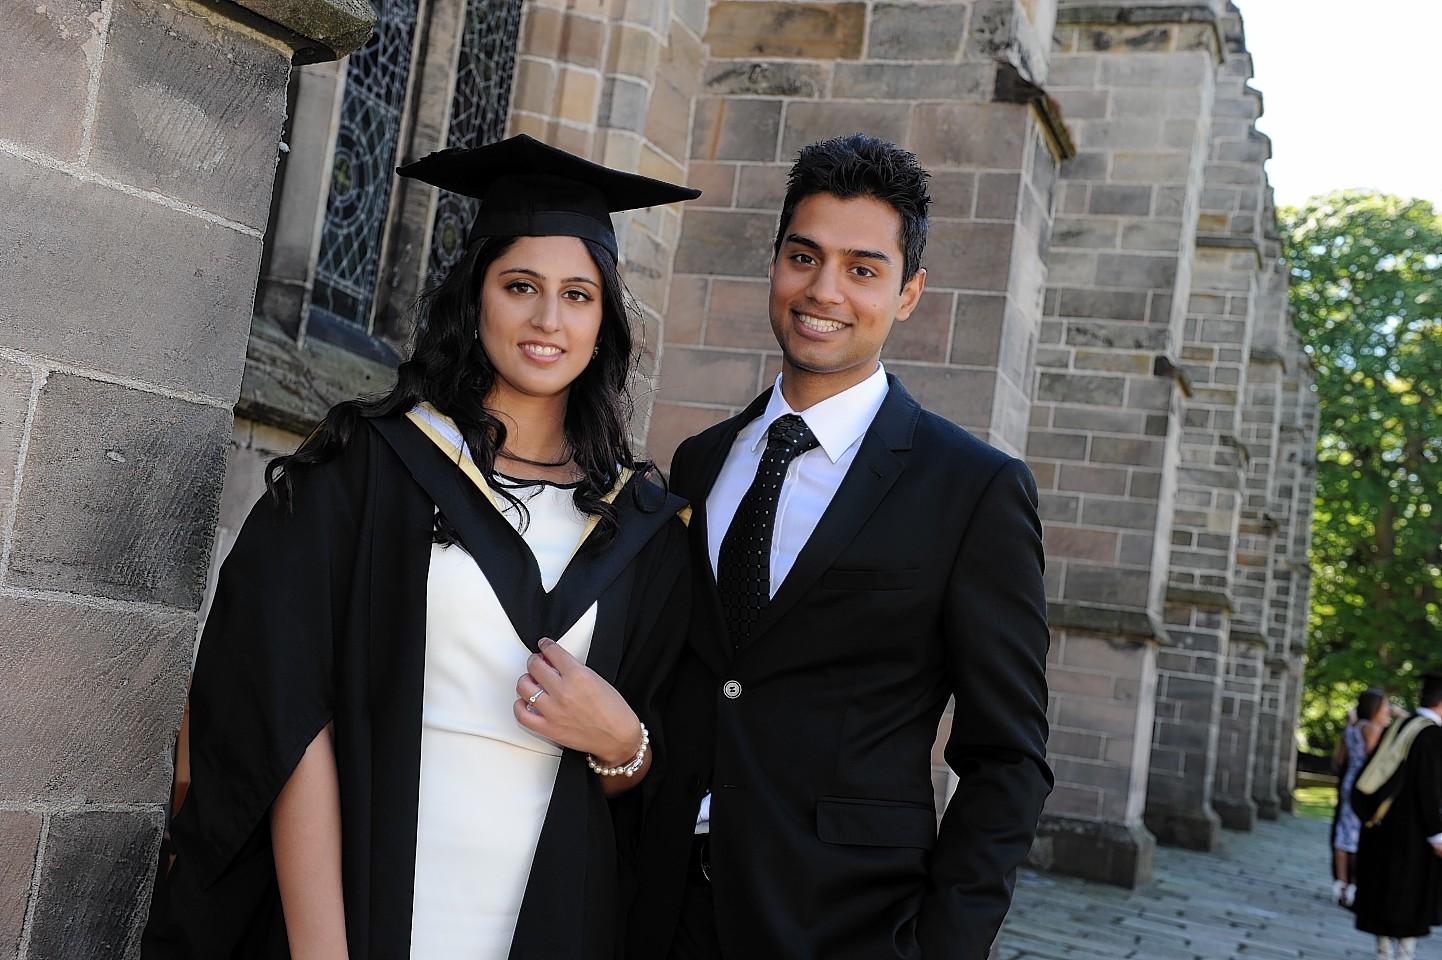 Nadia Rasul and Hassan Raja